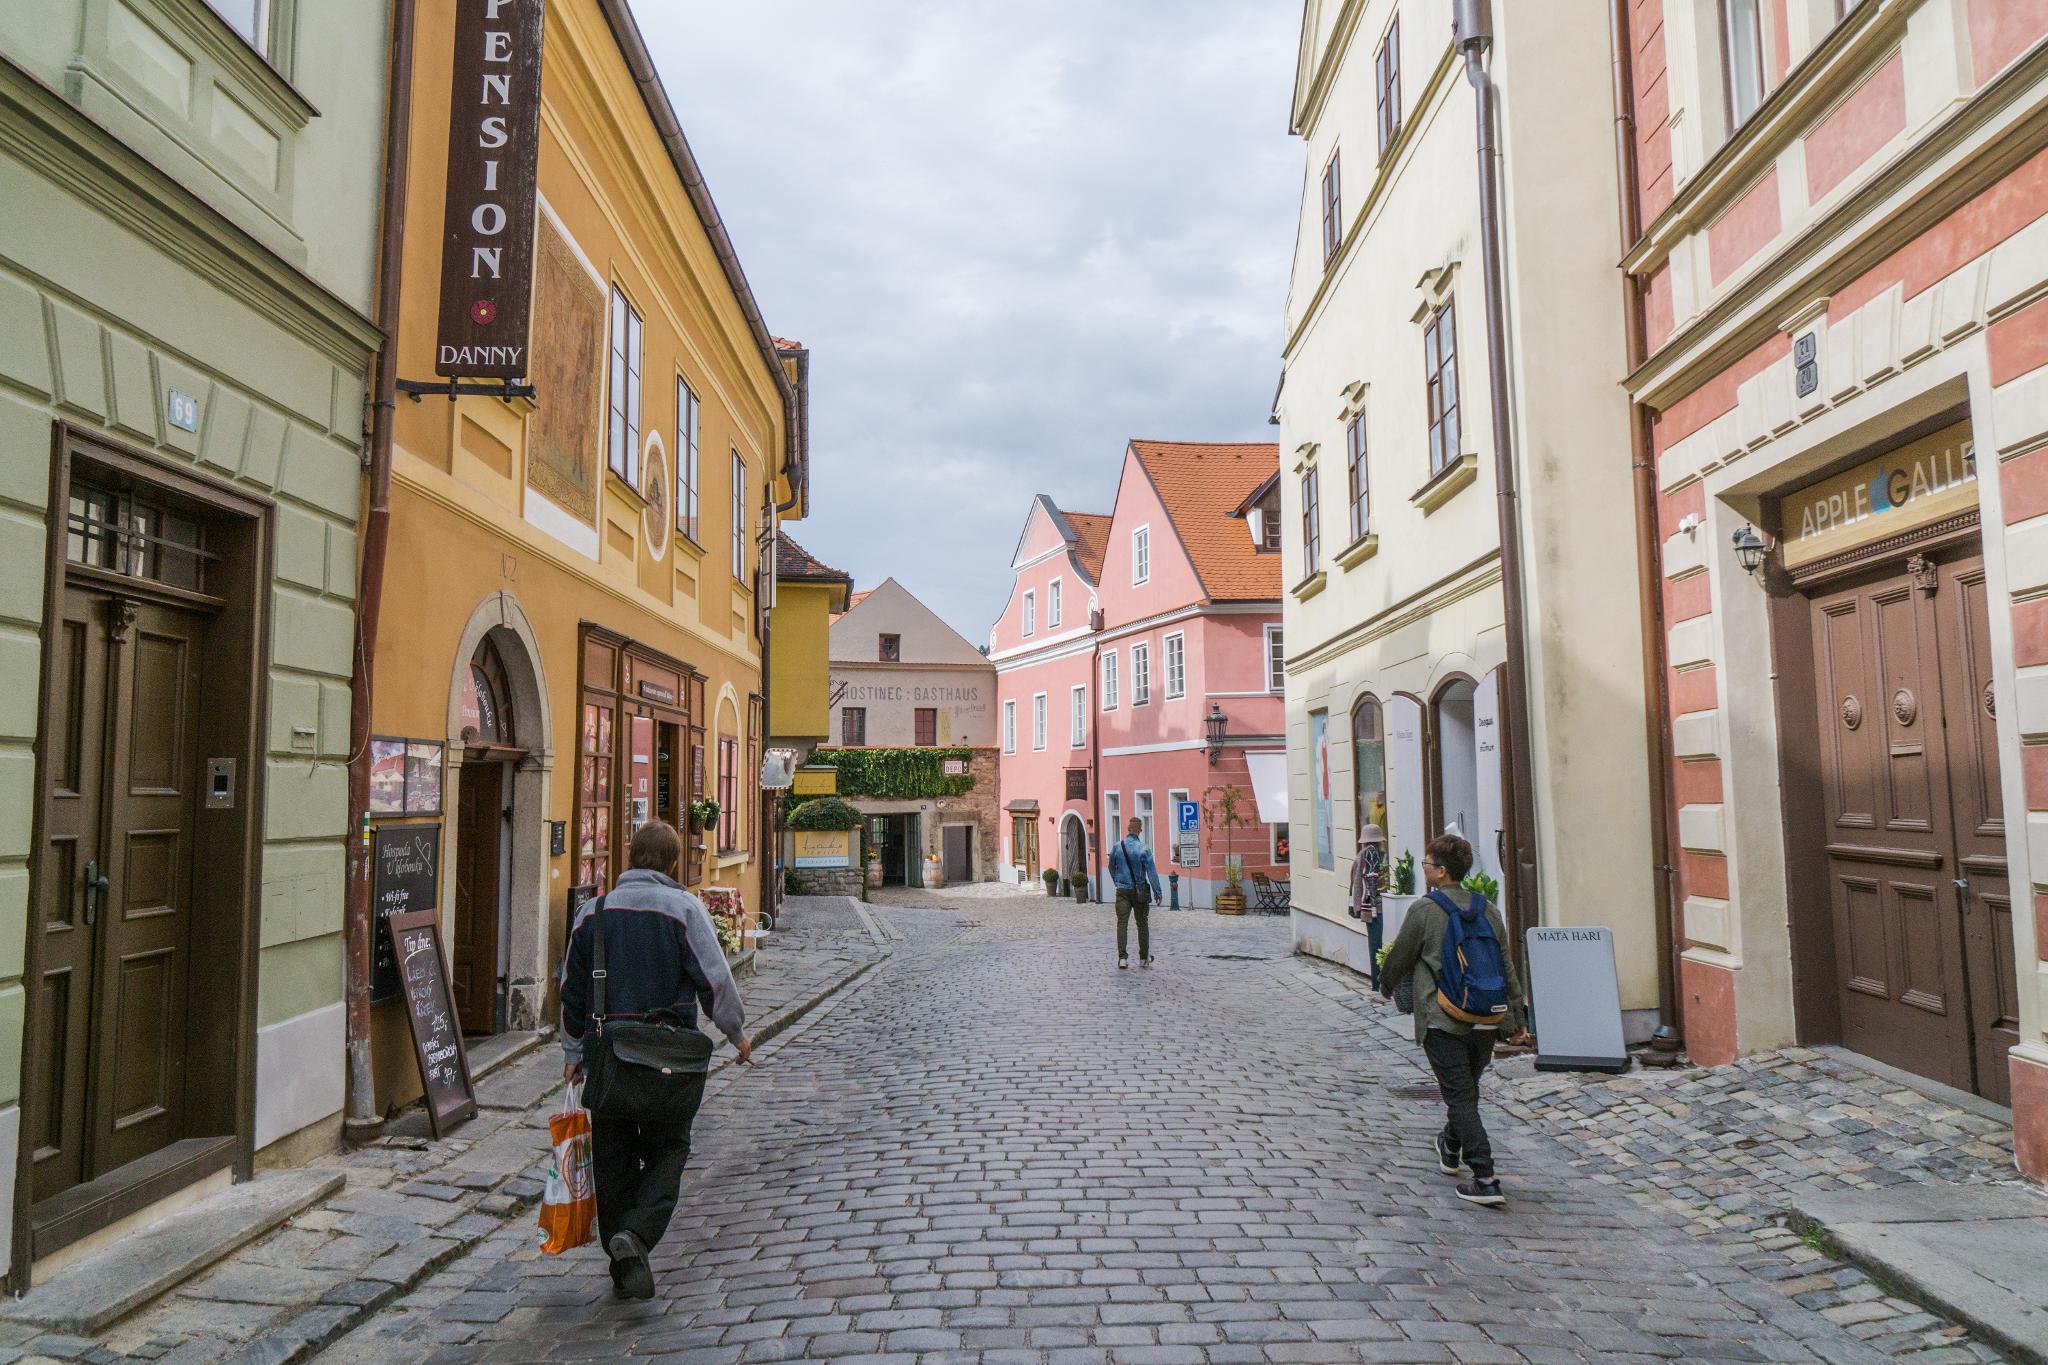 【捷克】Český Krumlov 庫倫諾夫 — 穿梭最美的中世紀童話小鎮 7